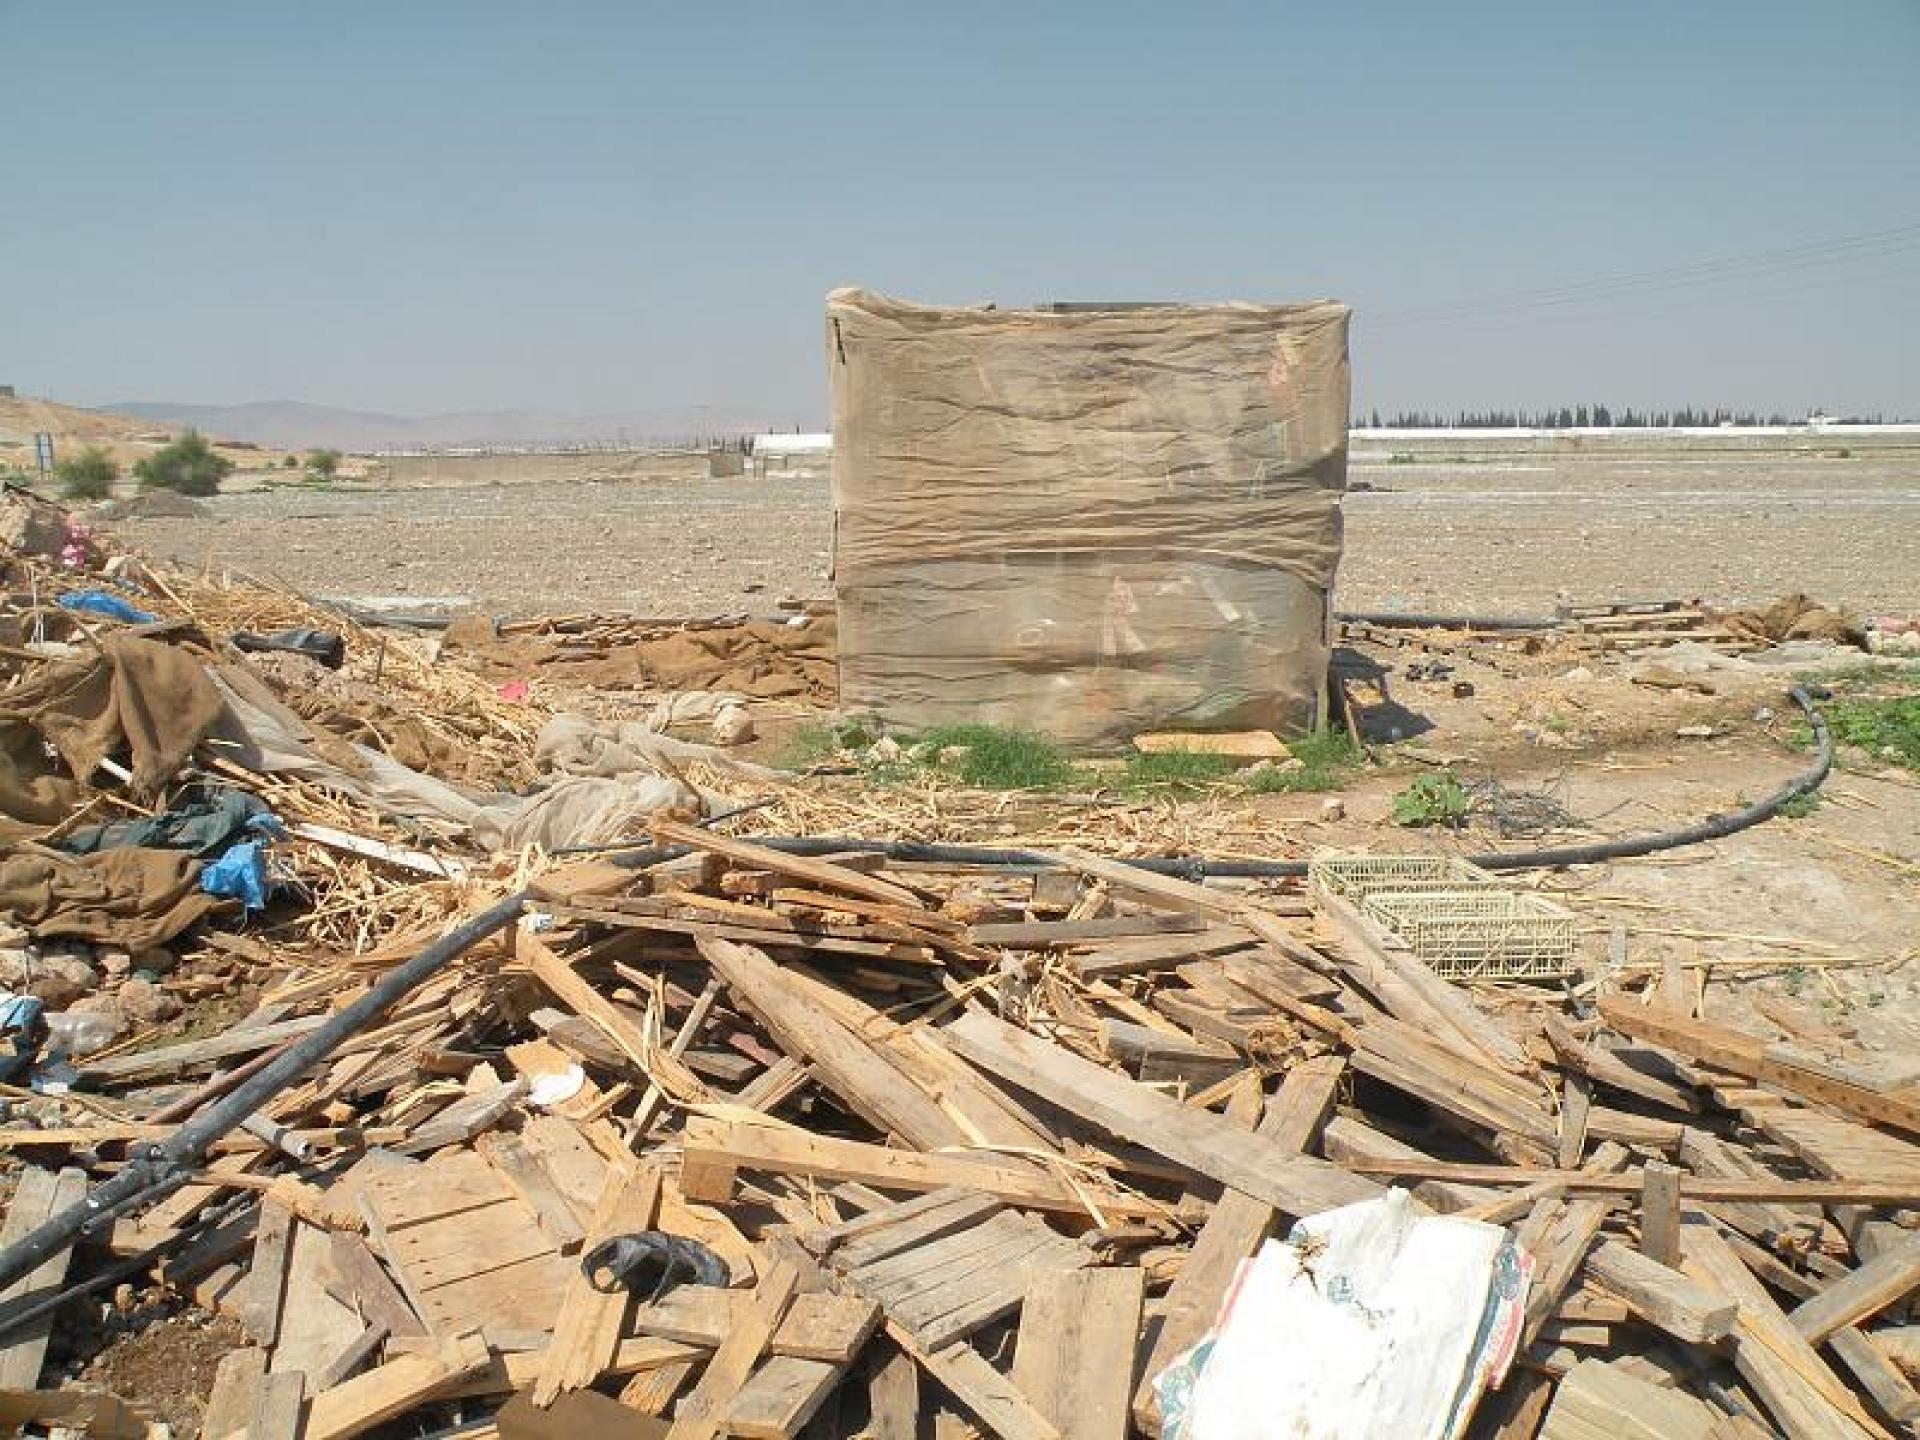 Jordan valley 09.09.08